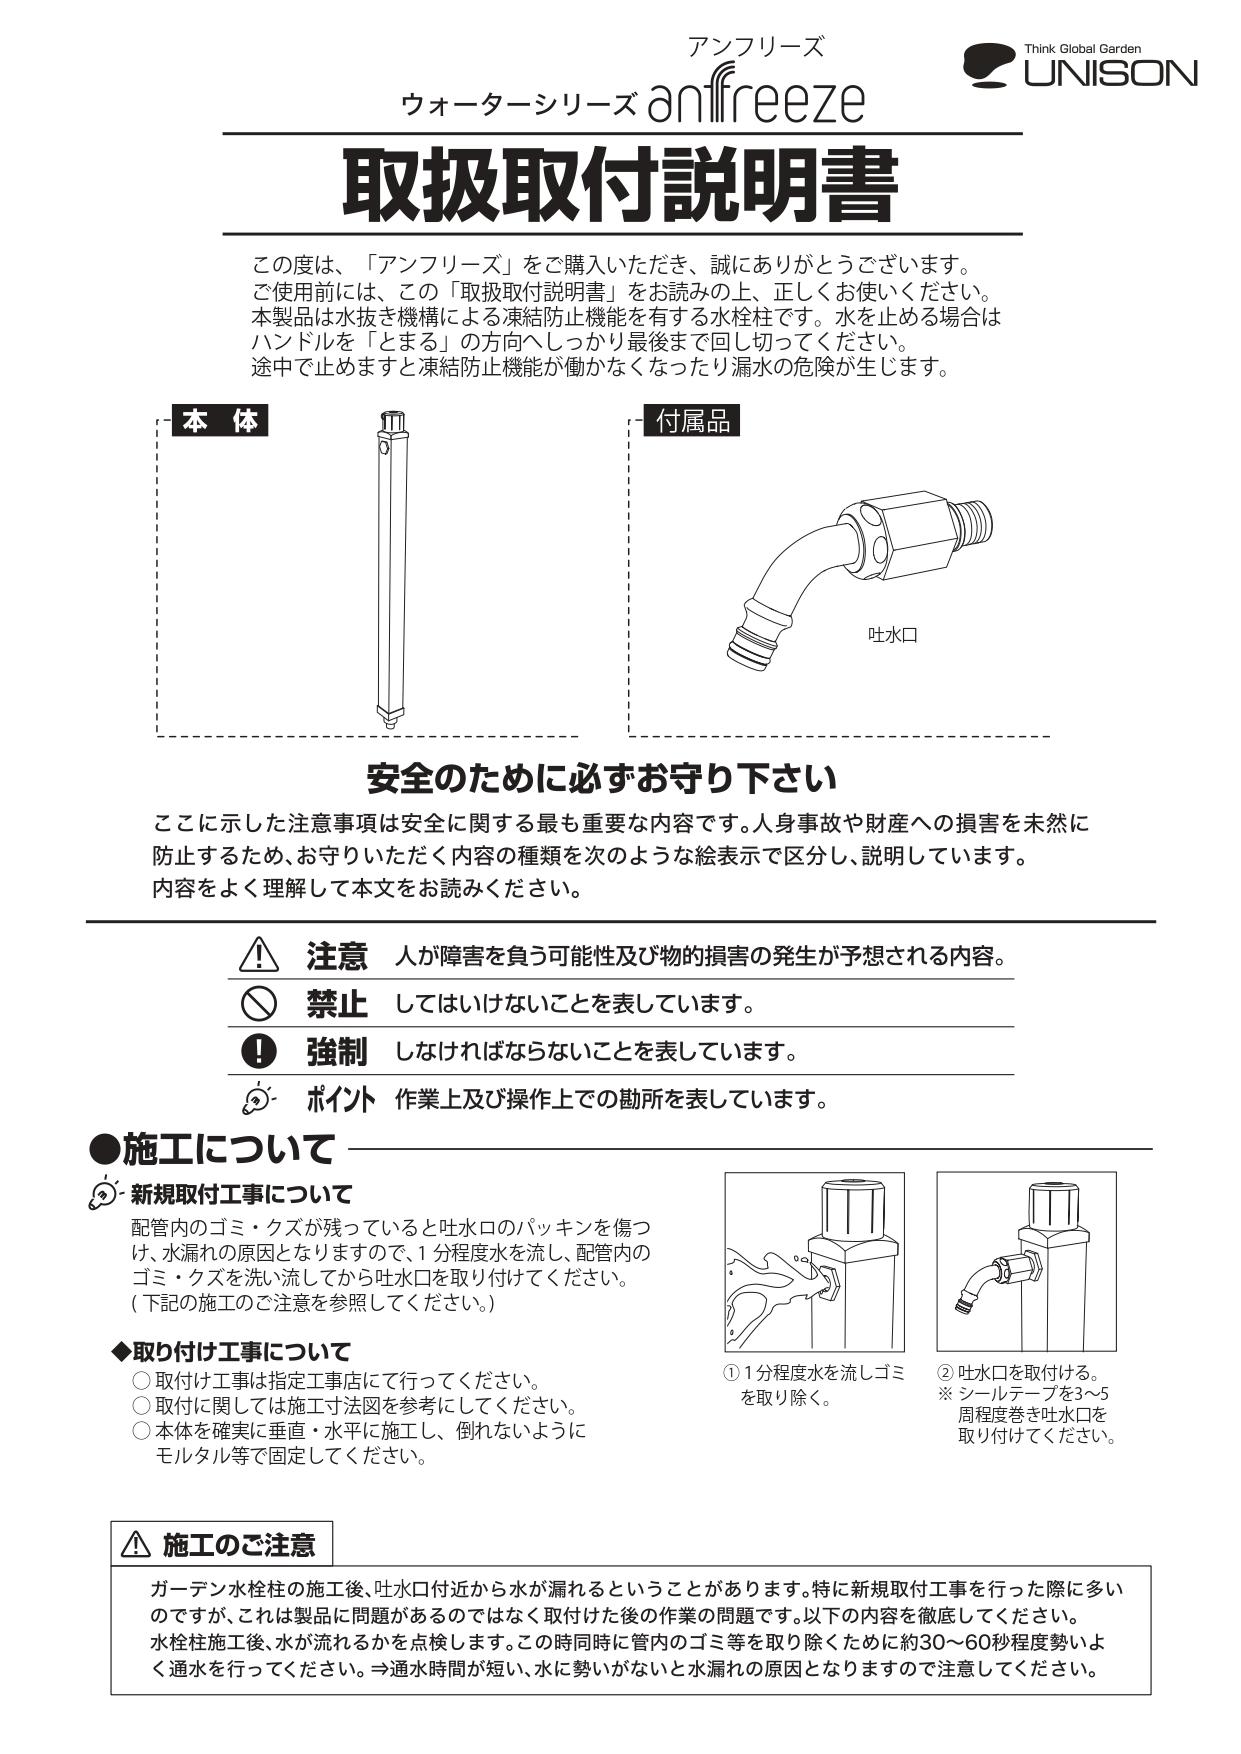 アンフリーズ_取扱説明書_page-0001